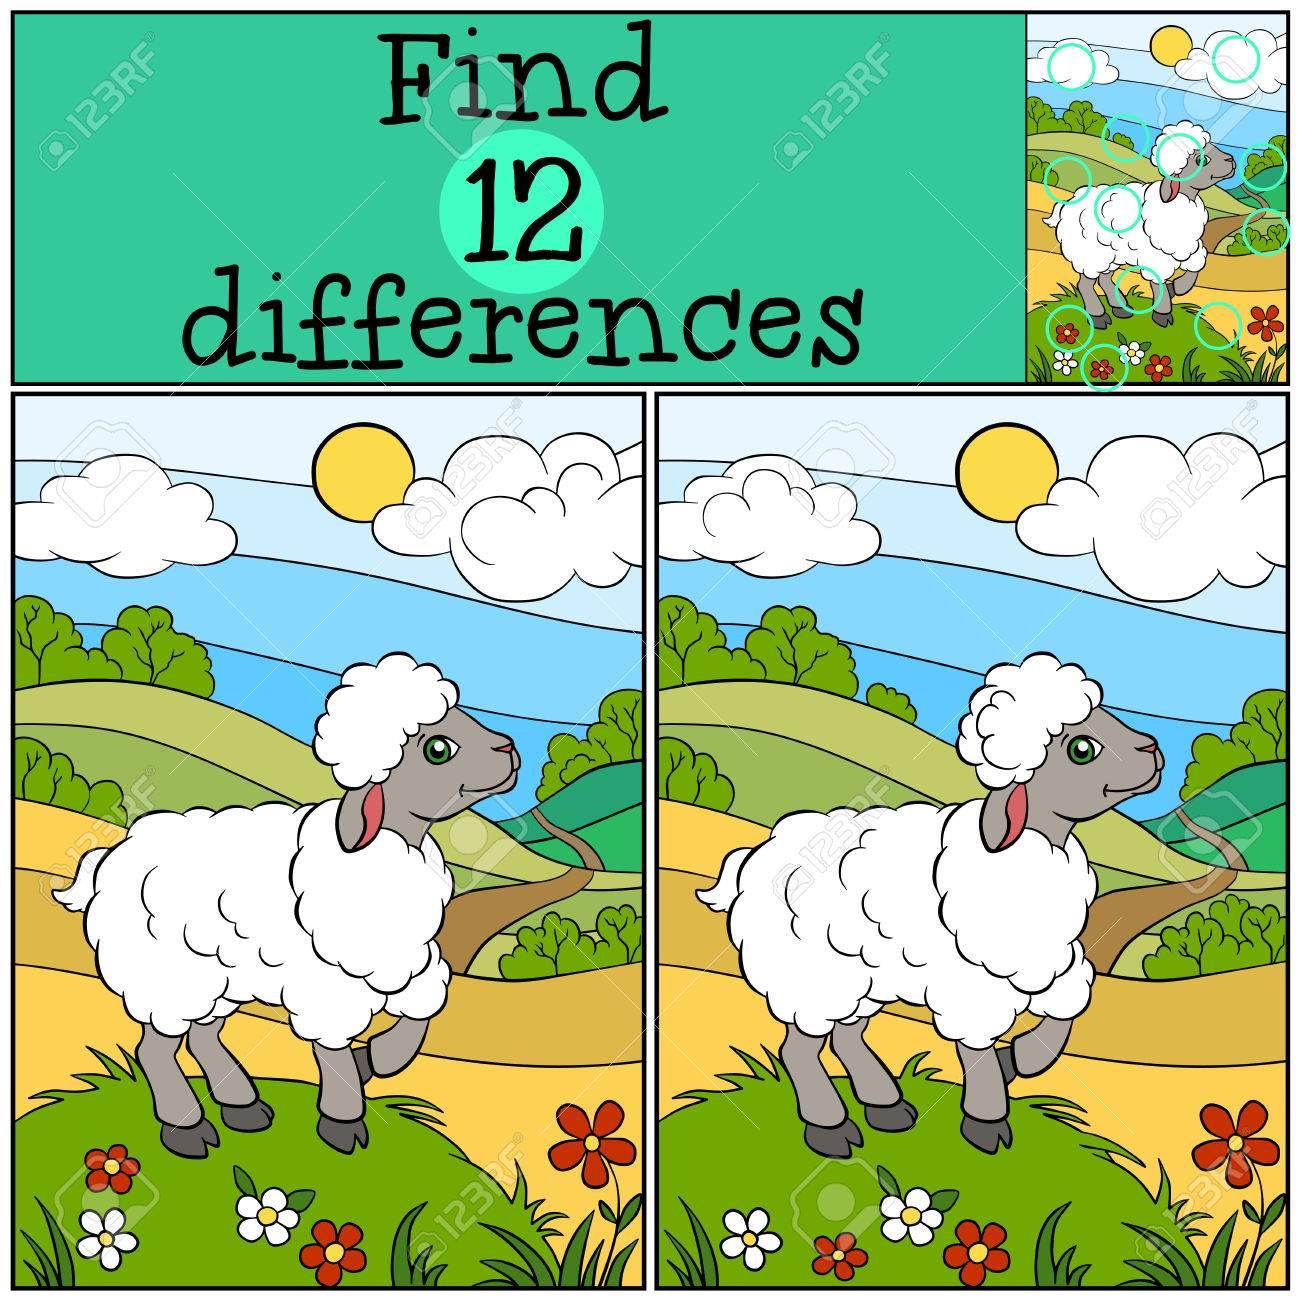 juegos infantiles encuentra las diferencias pequeas ovejas lindo se encuentra en la colina de with infantiles pequeas